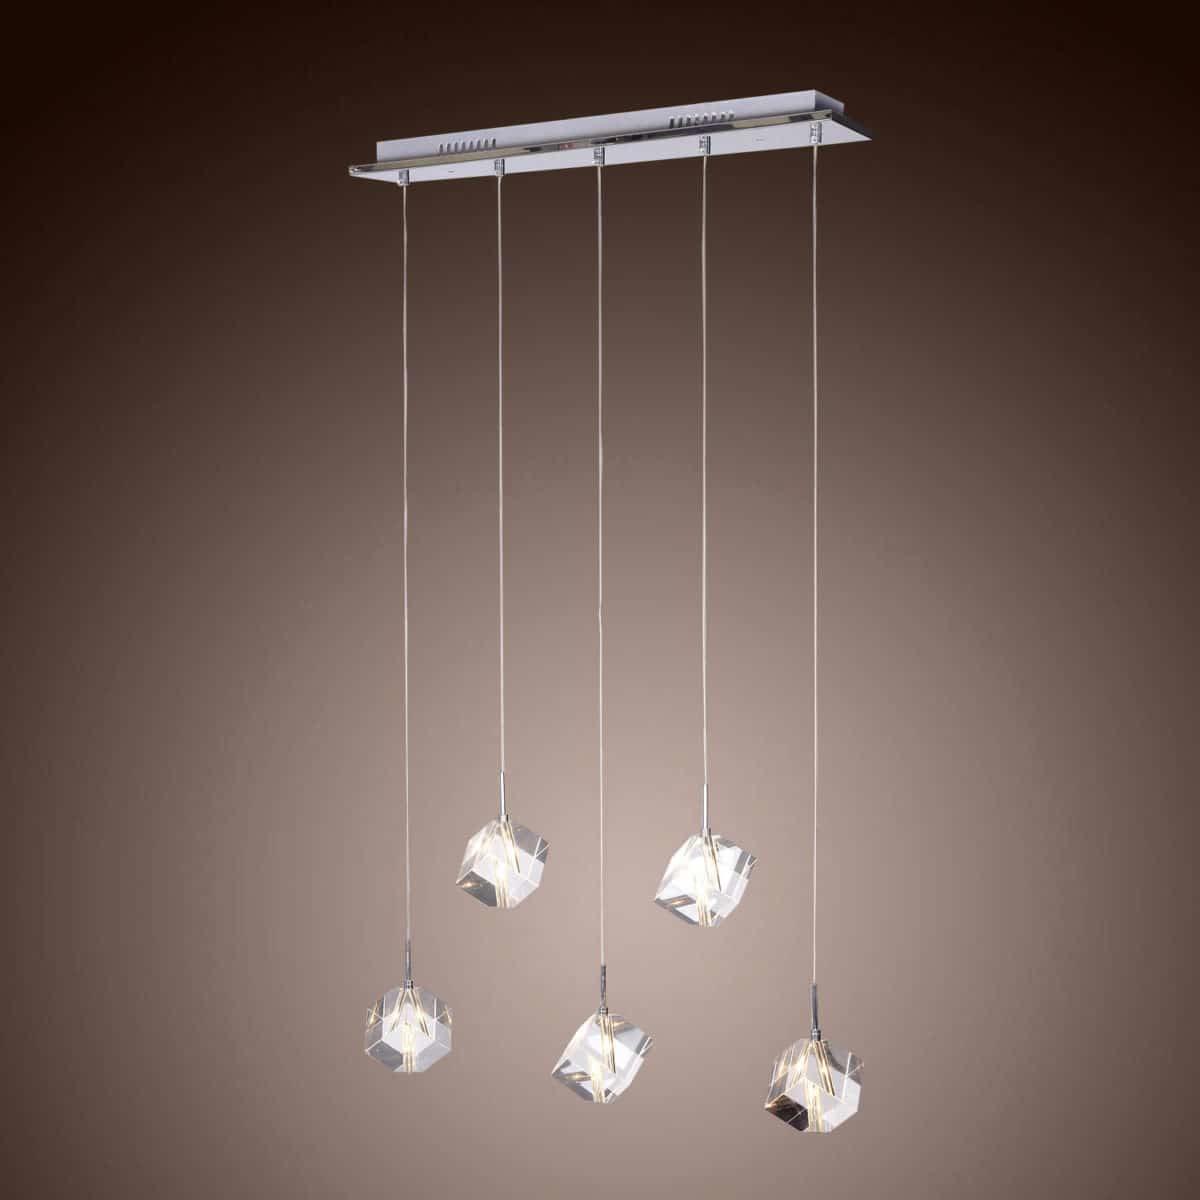 Modern Chrome Pendant Light